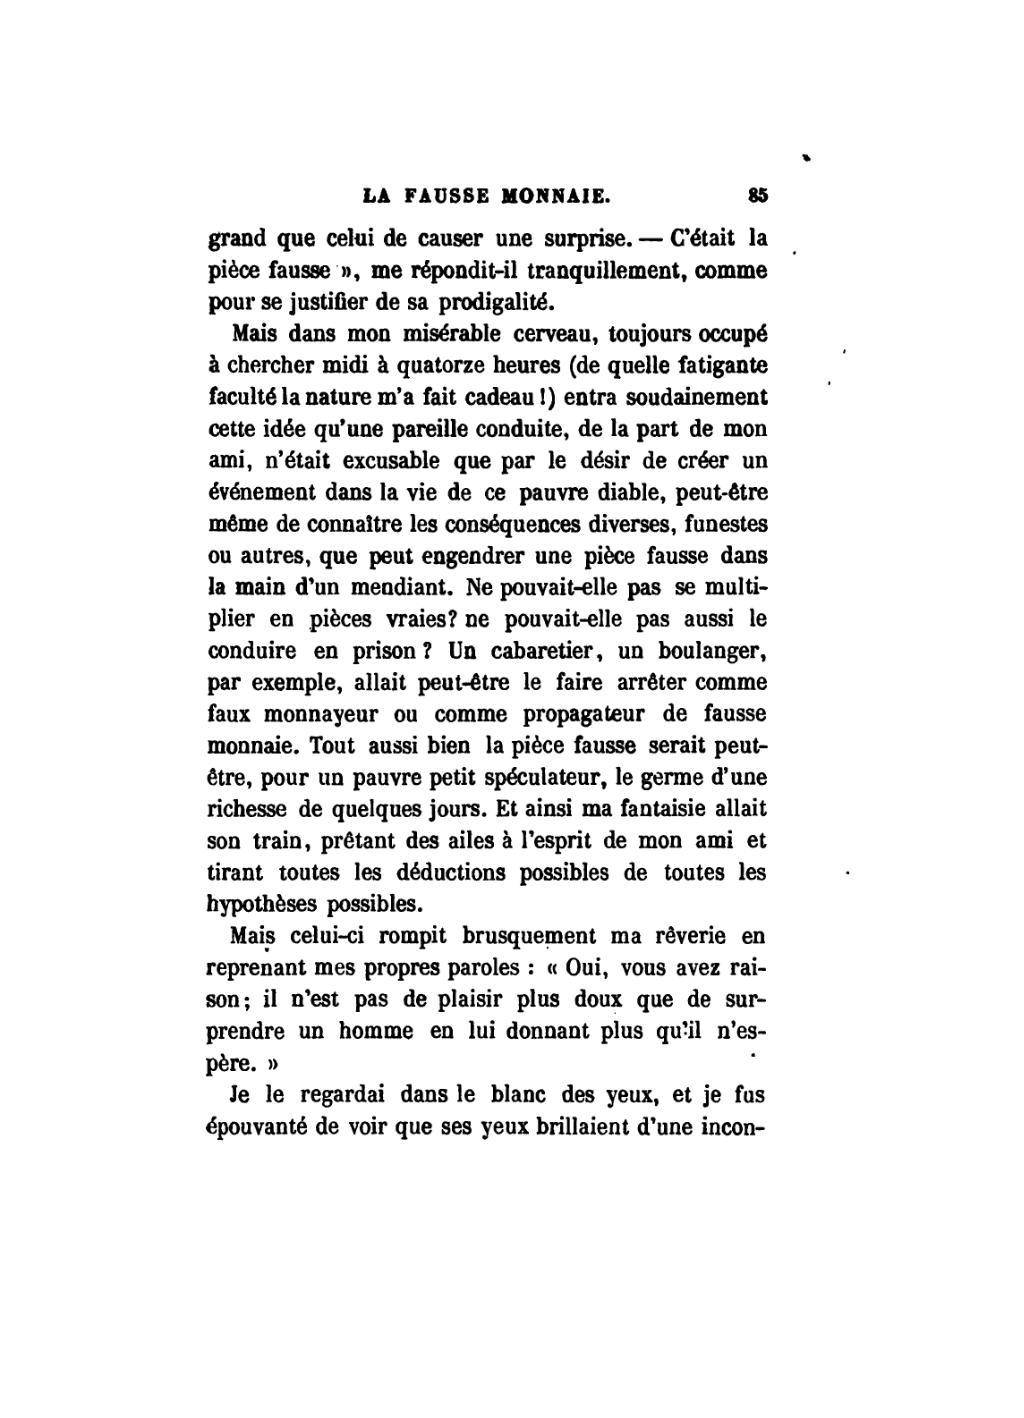 Pagebaudelaire Petits Poèmes En Prose 1868djvu93